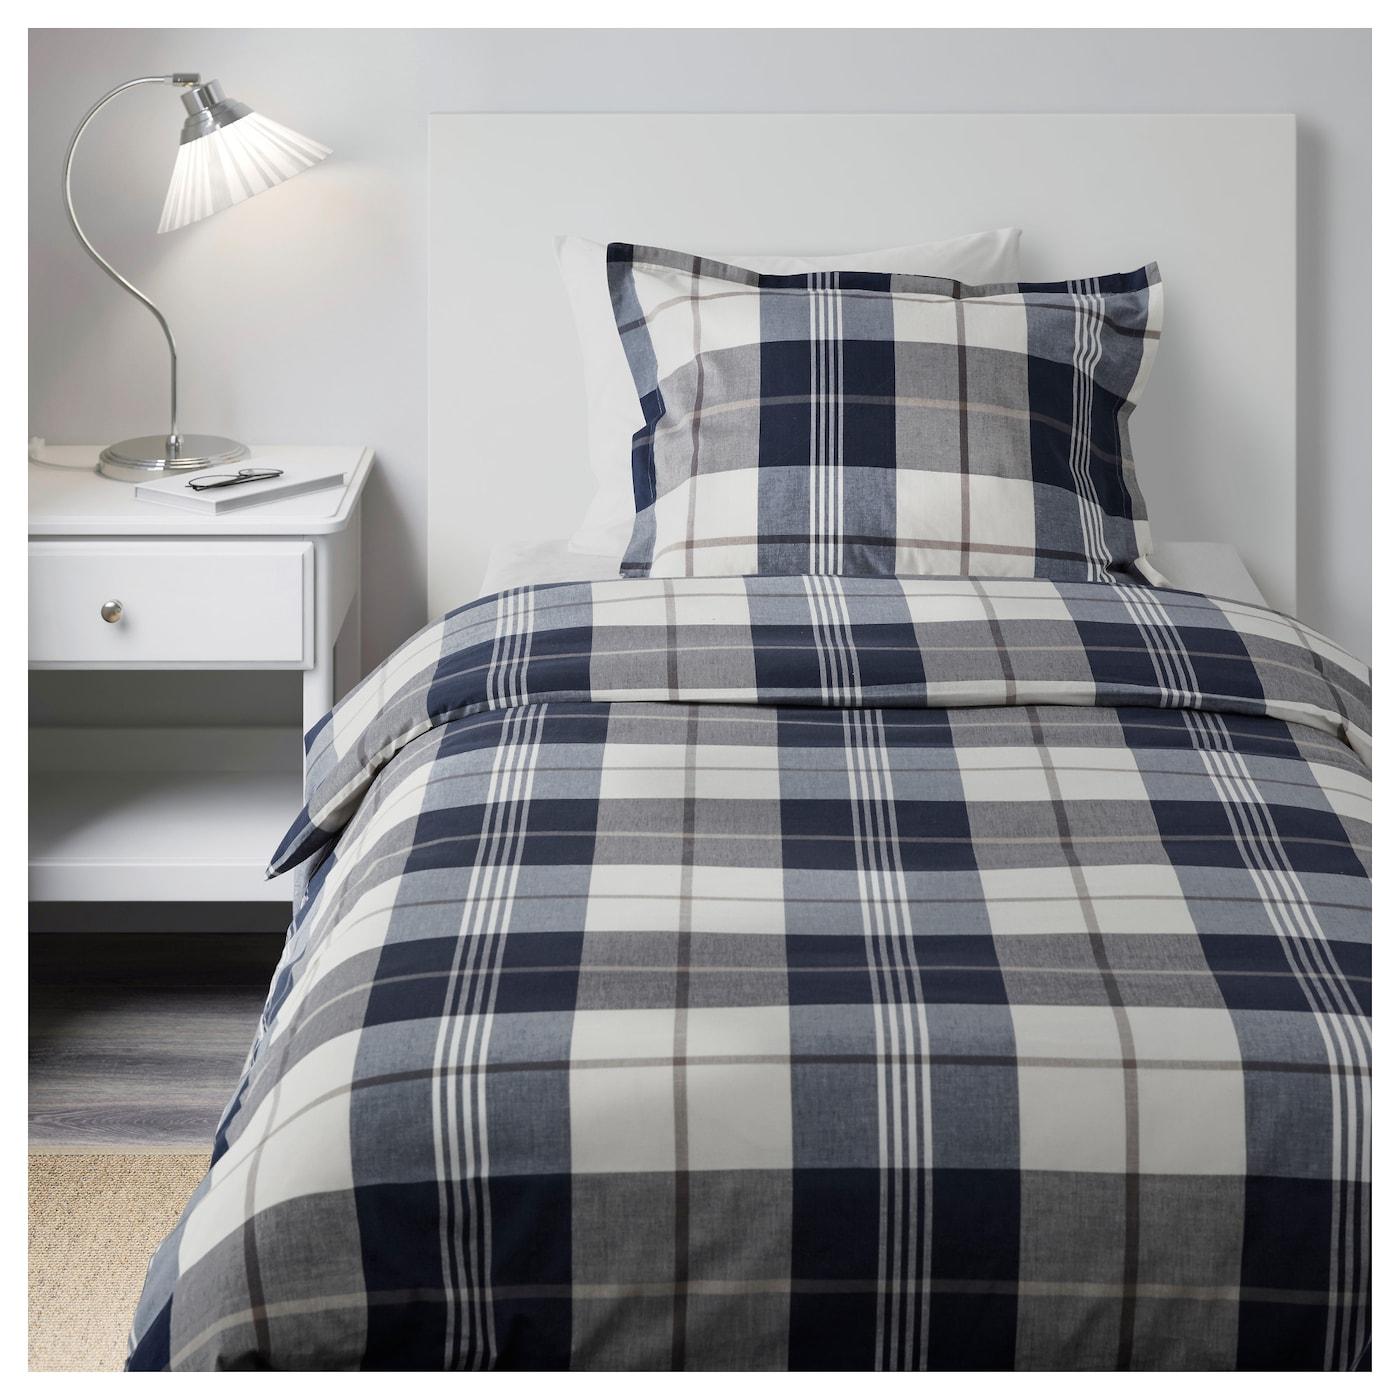 KUSTRUTA-3 Комплект постельного белья, синий отмечен, 150x200/50x60 см